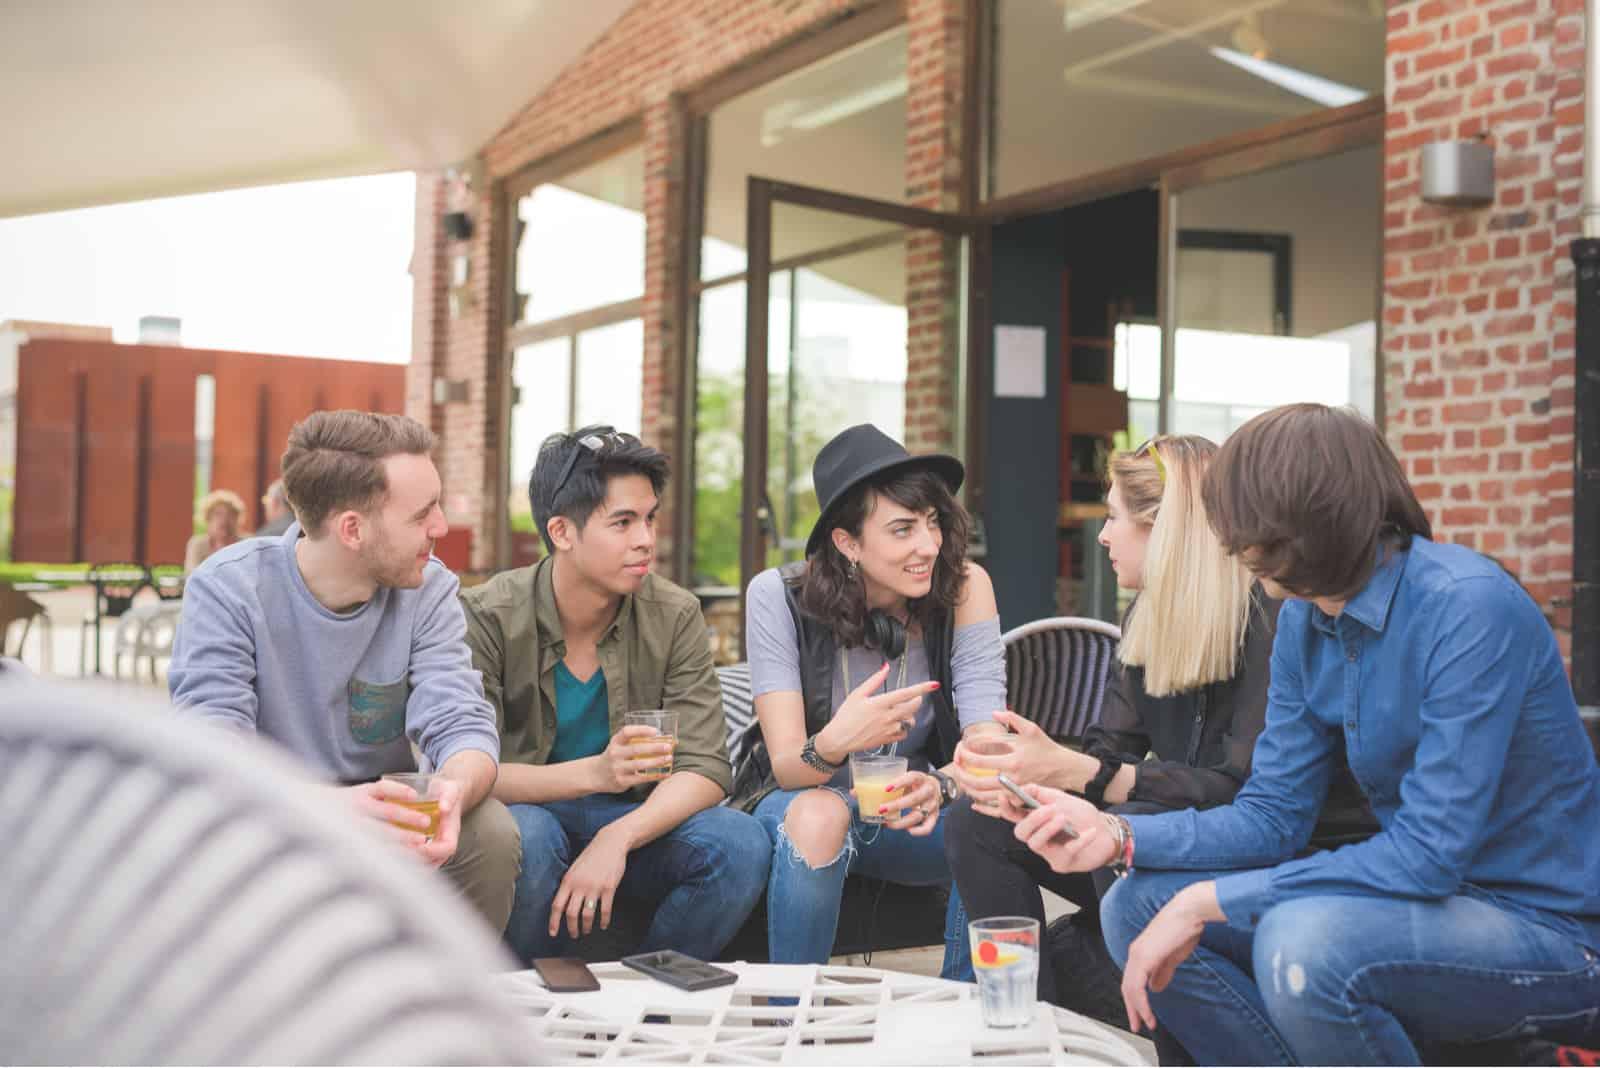 un groupe d'amis assis à une table dans un café